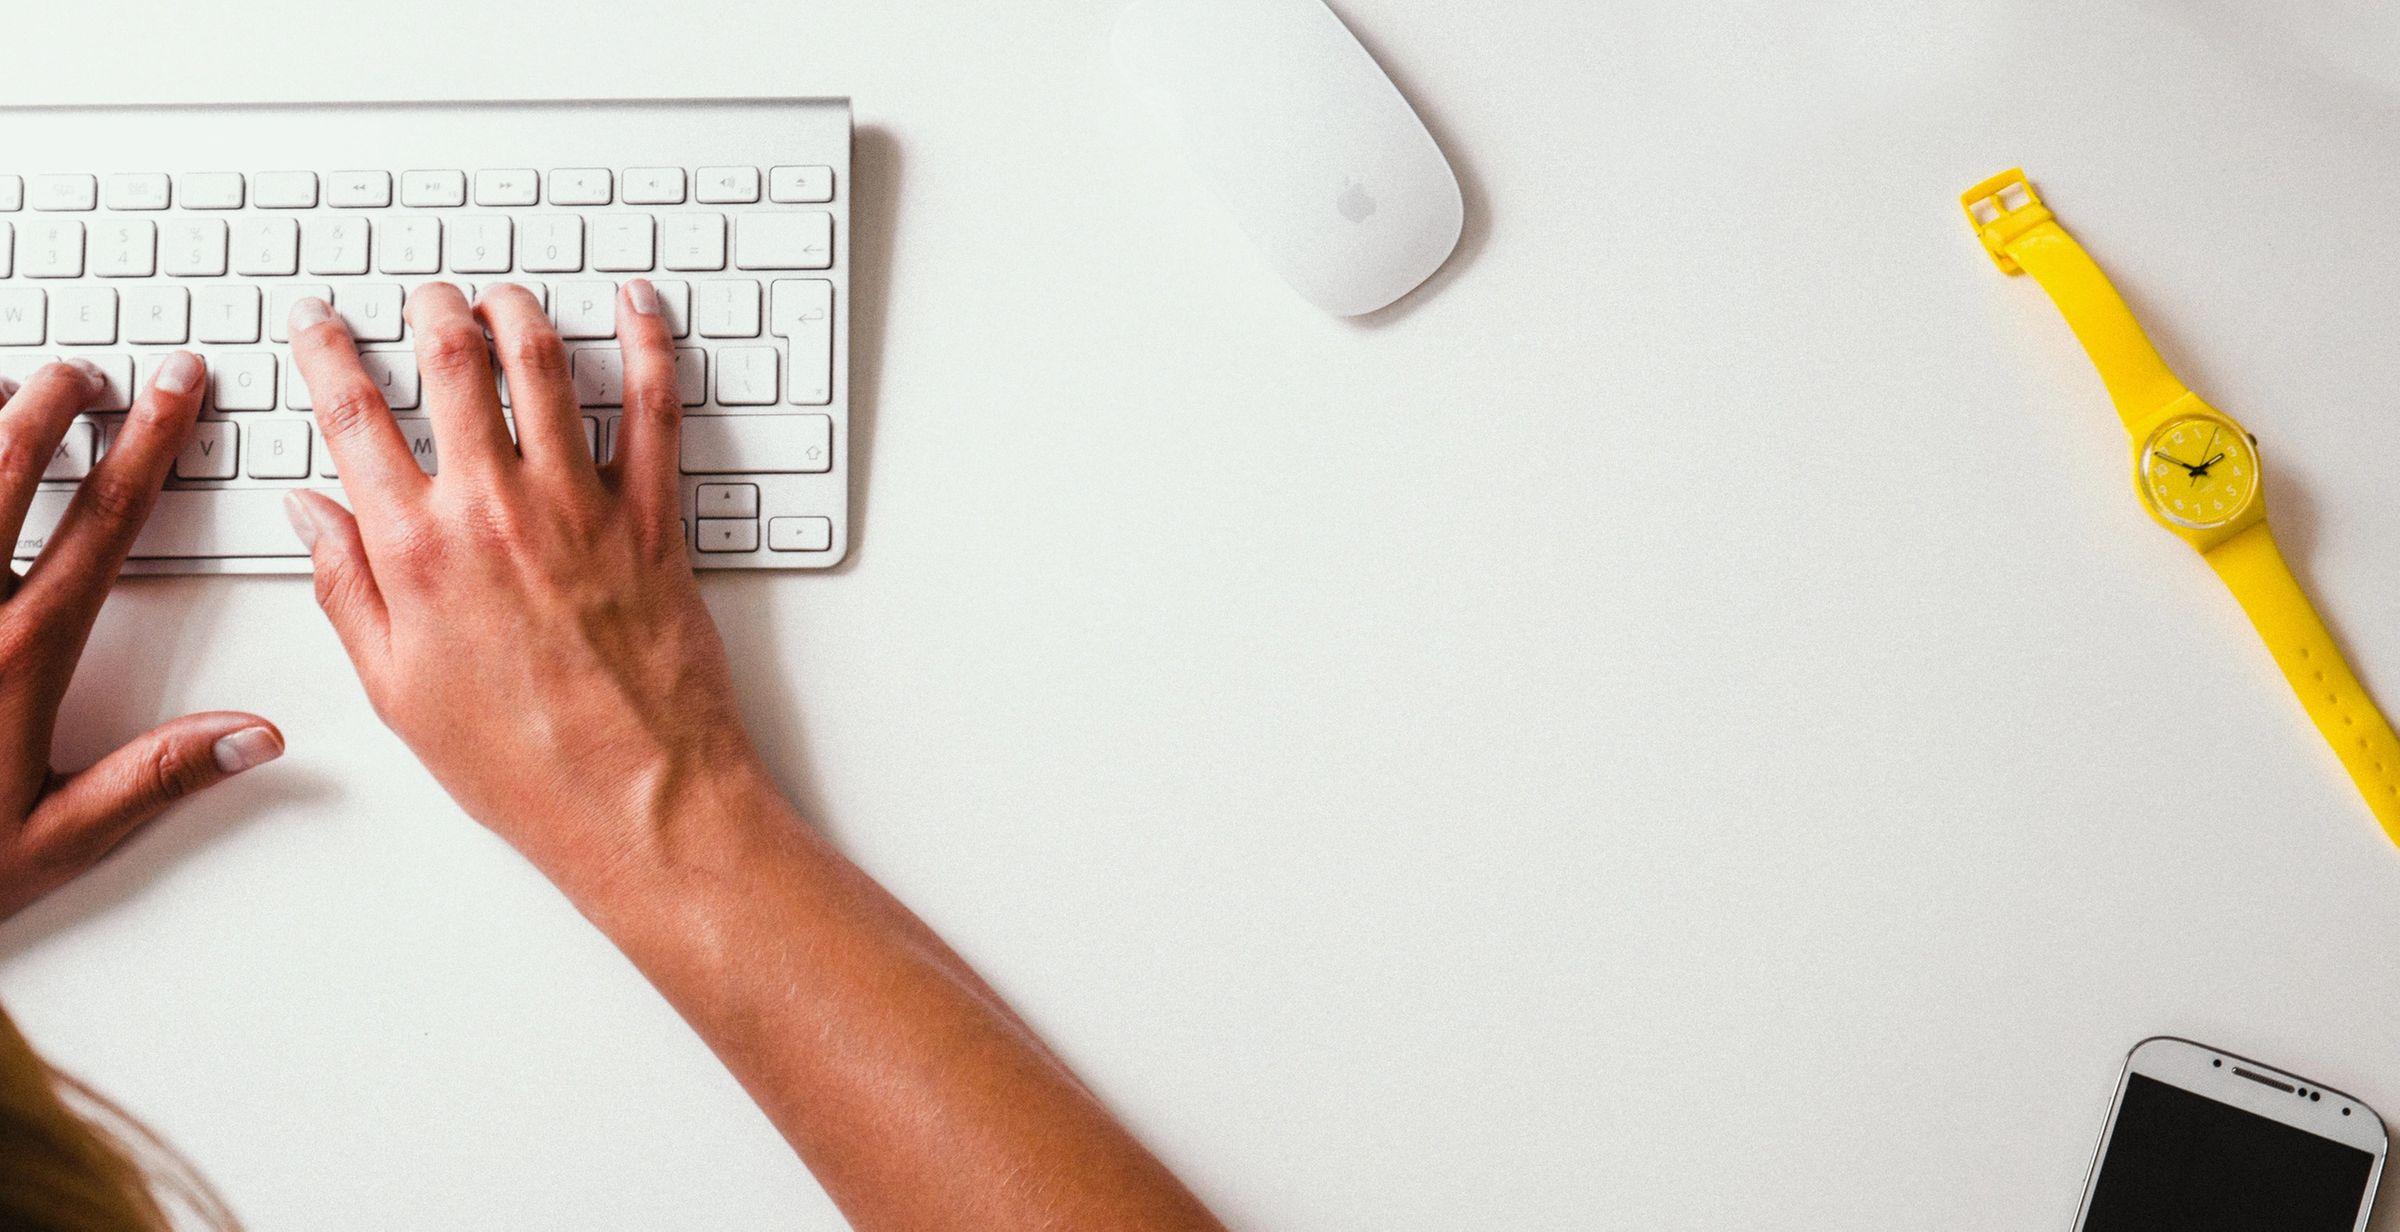 • Согласно Forbes, предприятия, использующие веб-аналитику в 6 раз вероятнее всего прибыльны. • Компании, принимающие решения на основе веб-аналитики, повышают рентабельность на вложенный капитал в 8 раз.